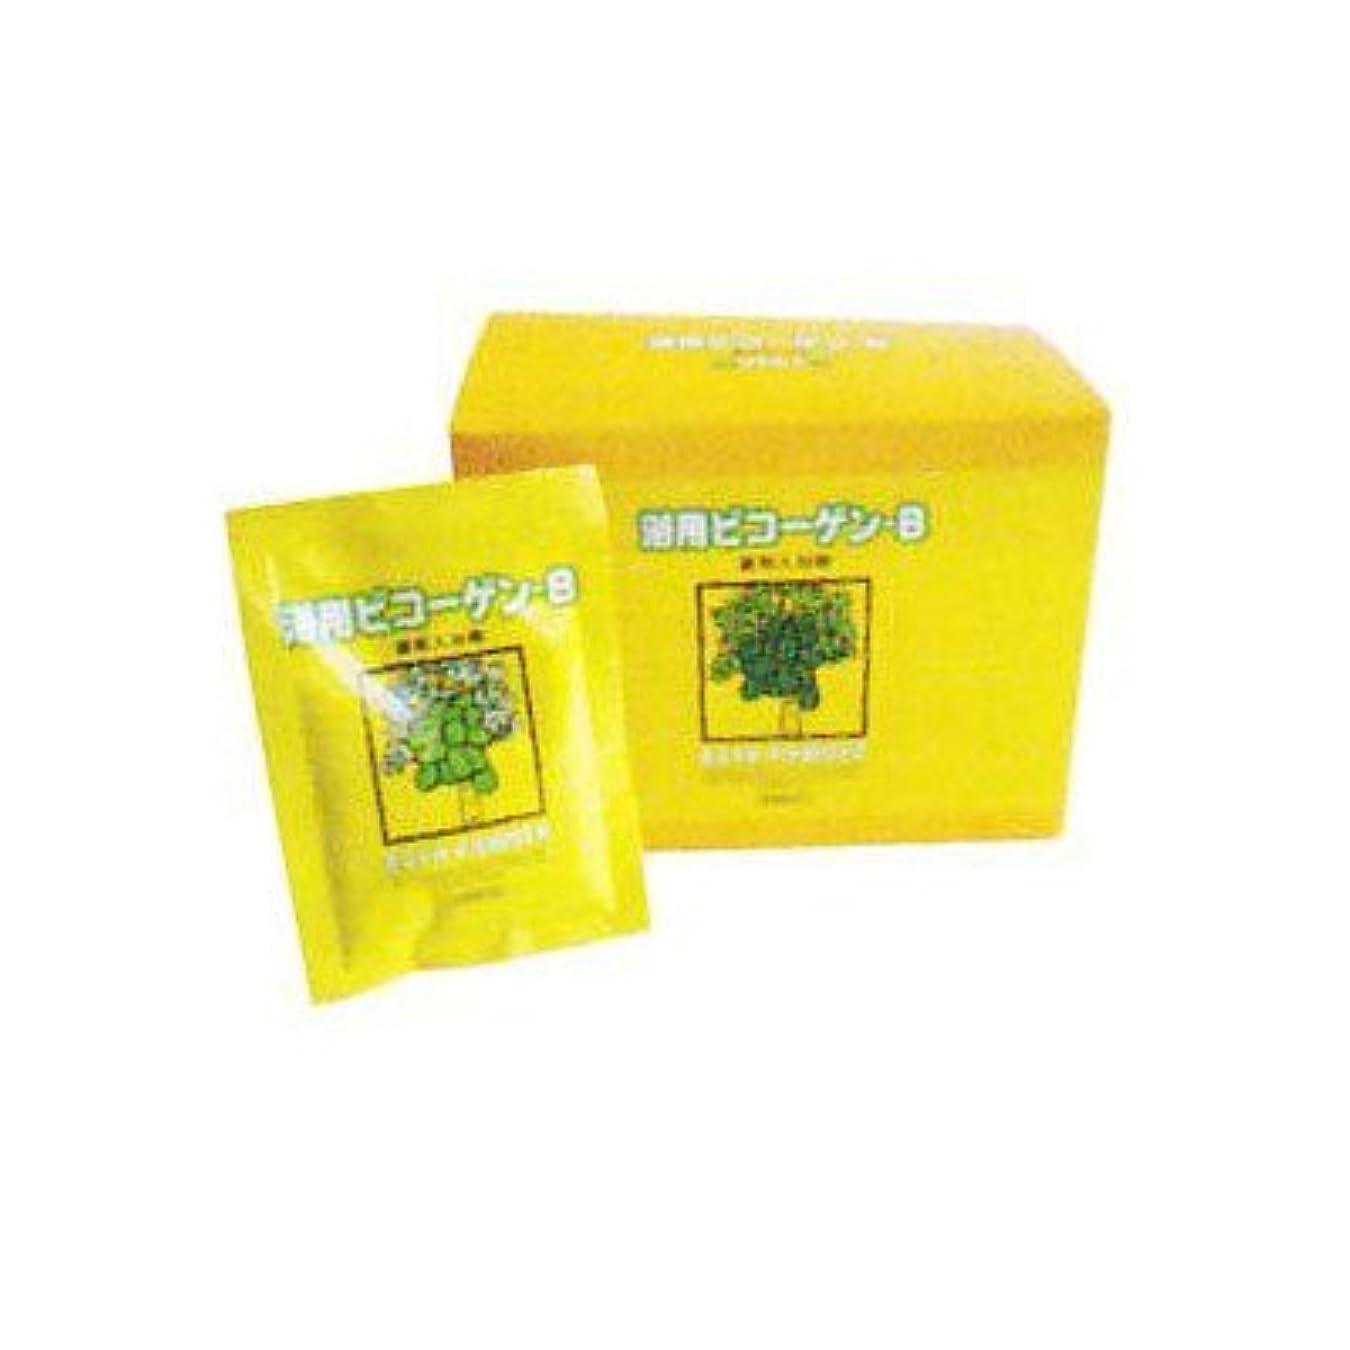 ポーズ要求する濃度酸素入浴剤 リアル 浴用 ビコーゲン B 分包タイプ a221074